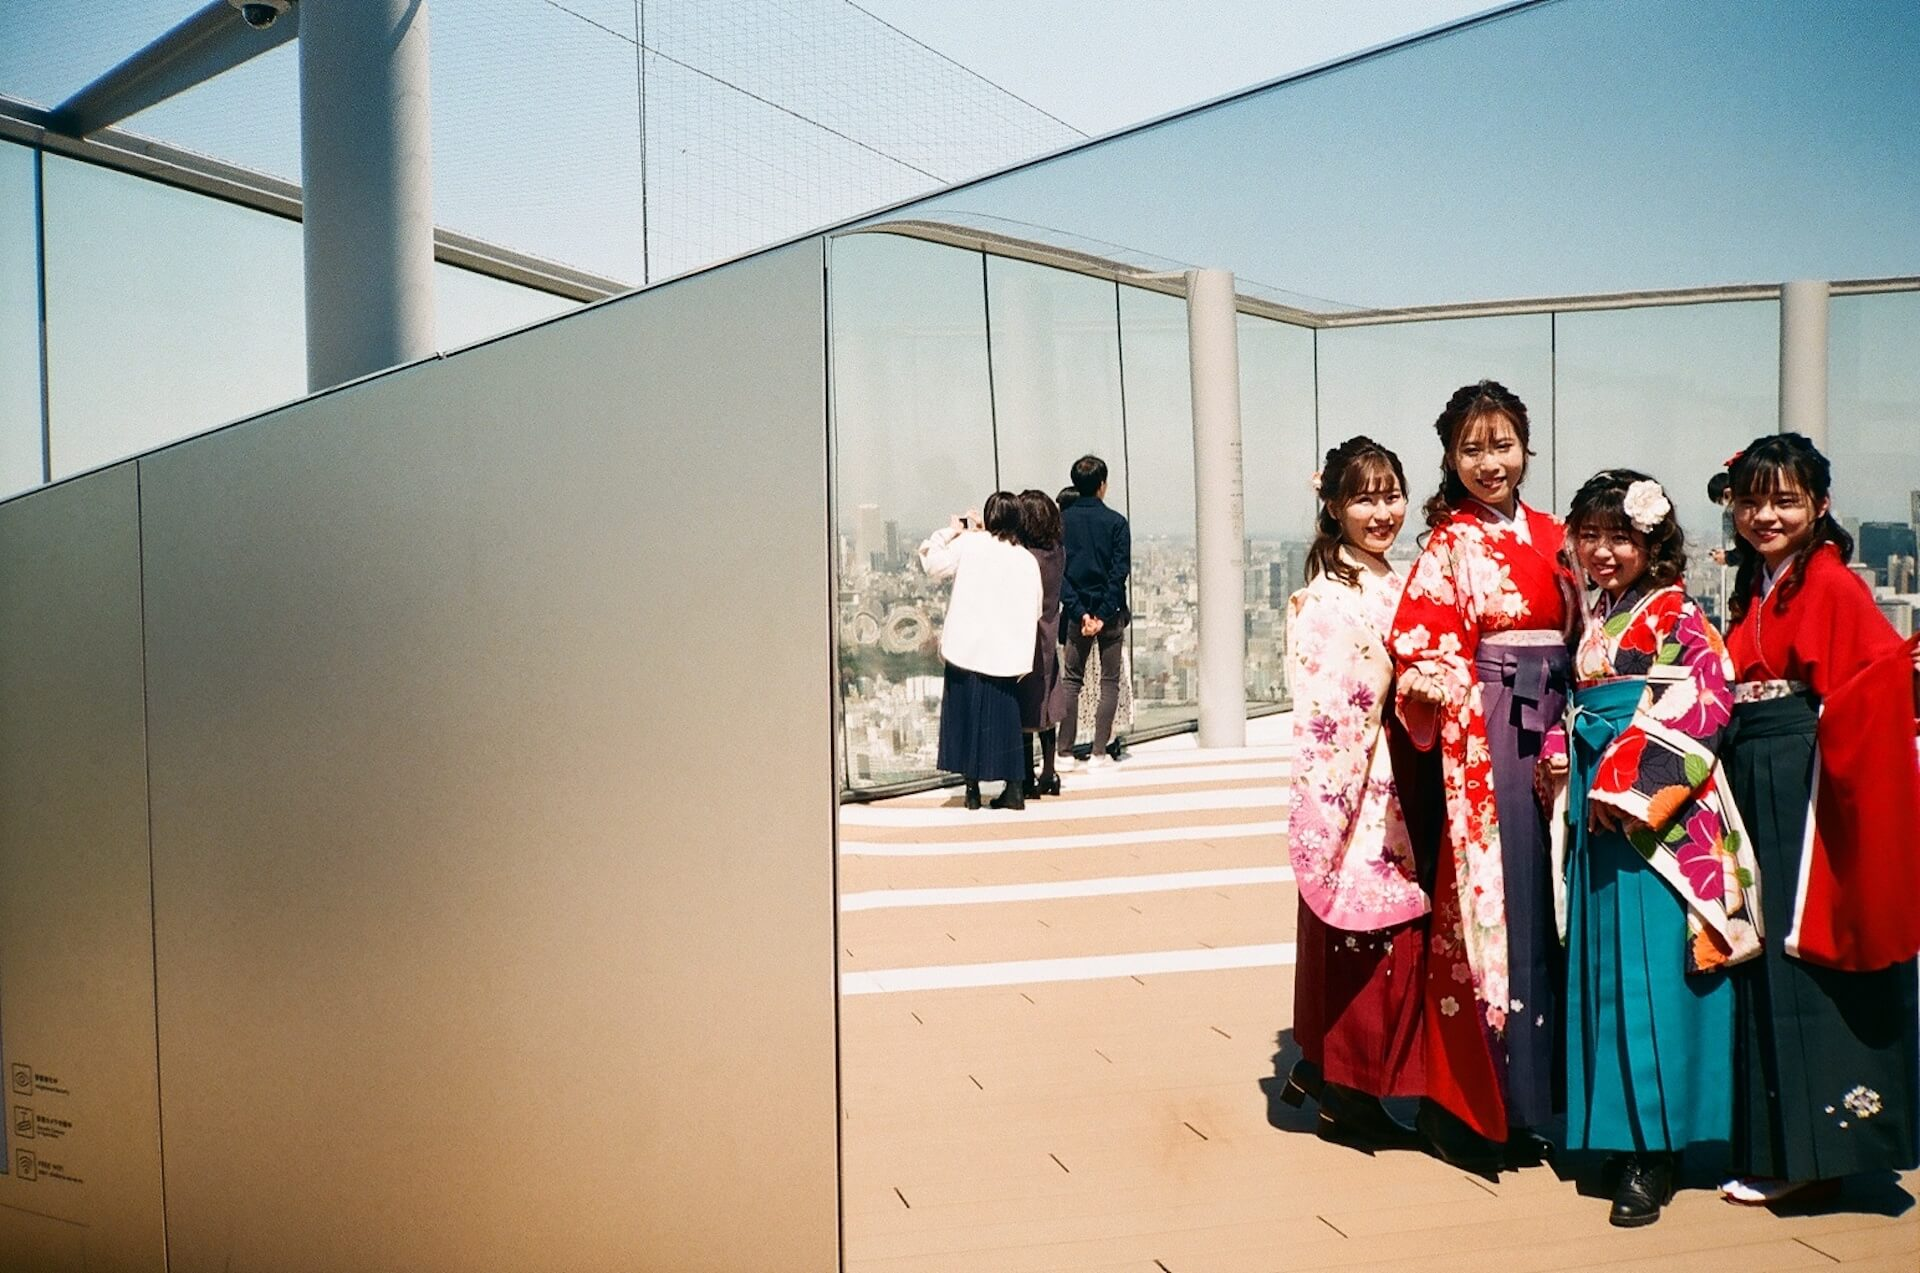 はなむけしゃしん - ぶるじょあ会「渋谷は日本のTOKYO」 art200415_hanamukeshashin5_31